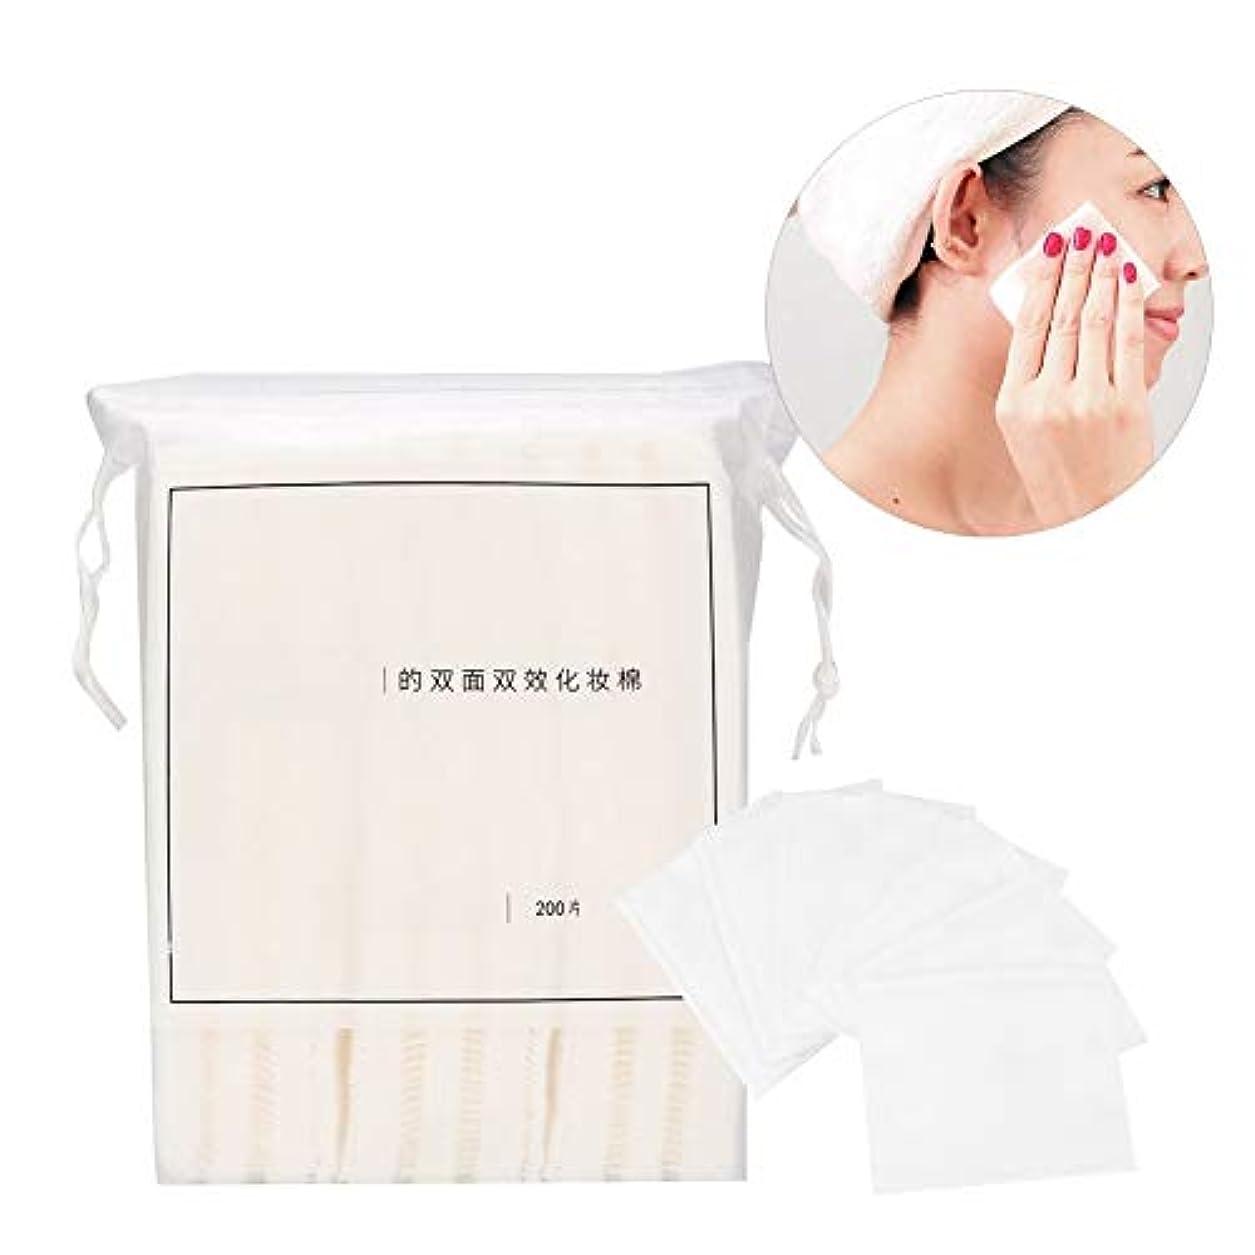 疎外より良いリアル200個の化粧落としパッド、肌の角質除去とネイルケアのための両面と乾式の湿式デュアルユースコットンパッド、やわらかい涙抵抗の保水化粧品用綿(2)